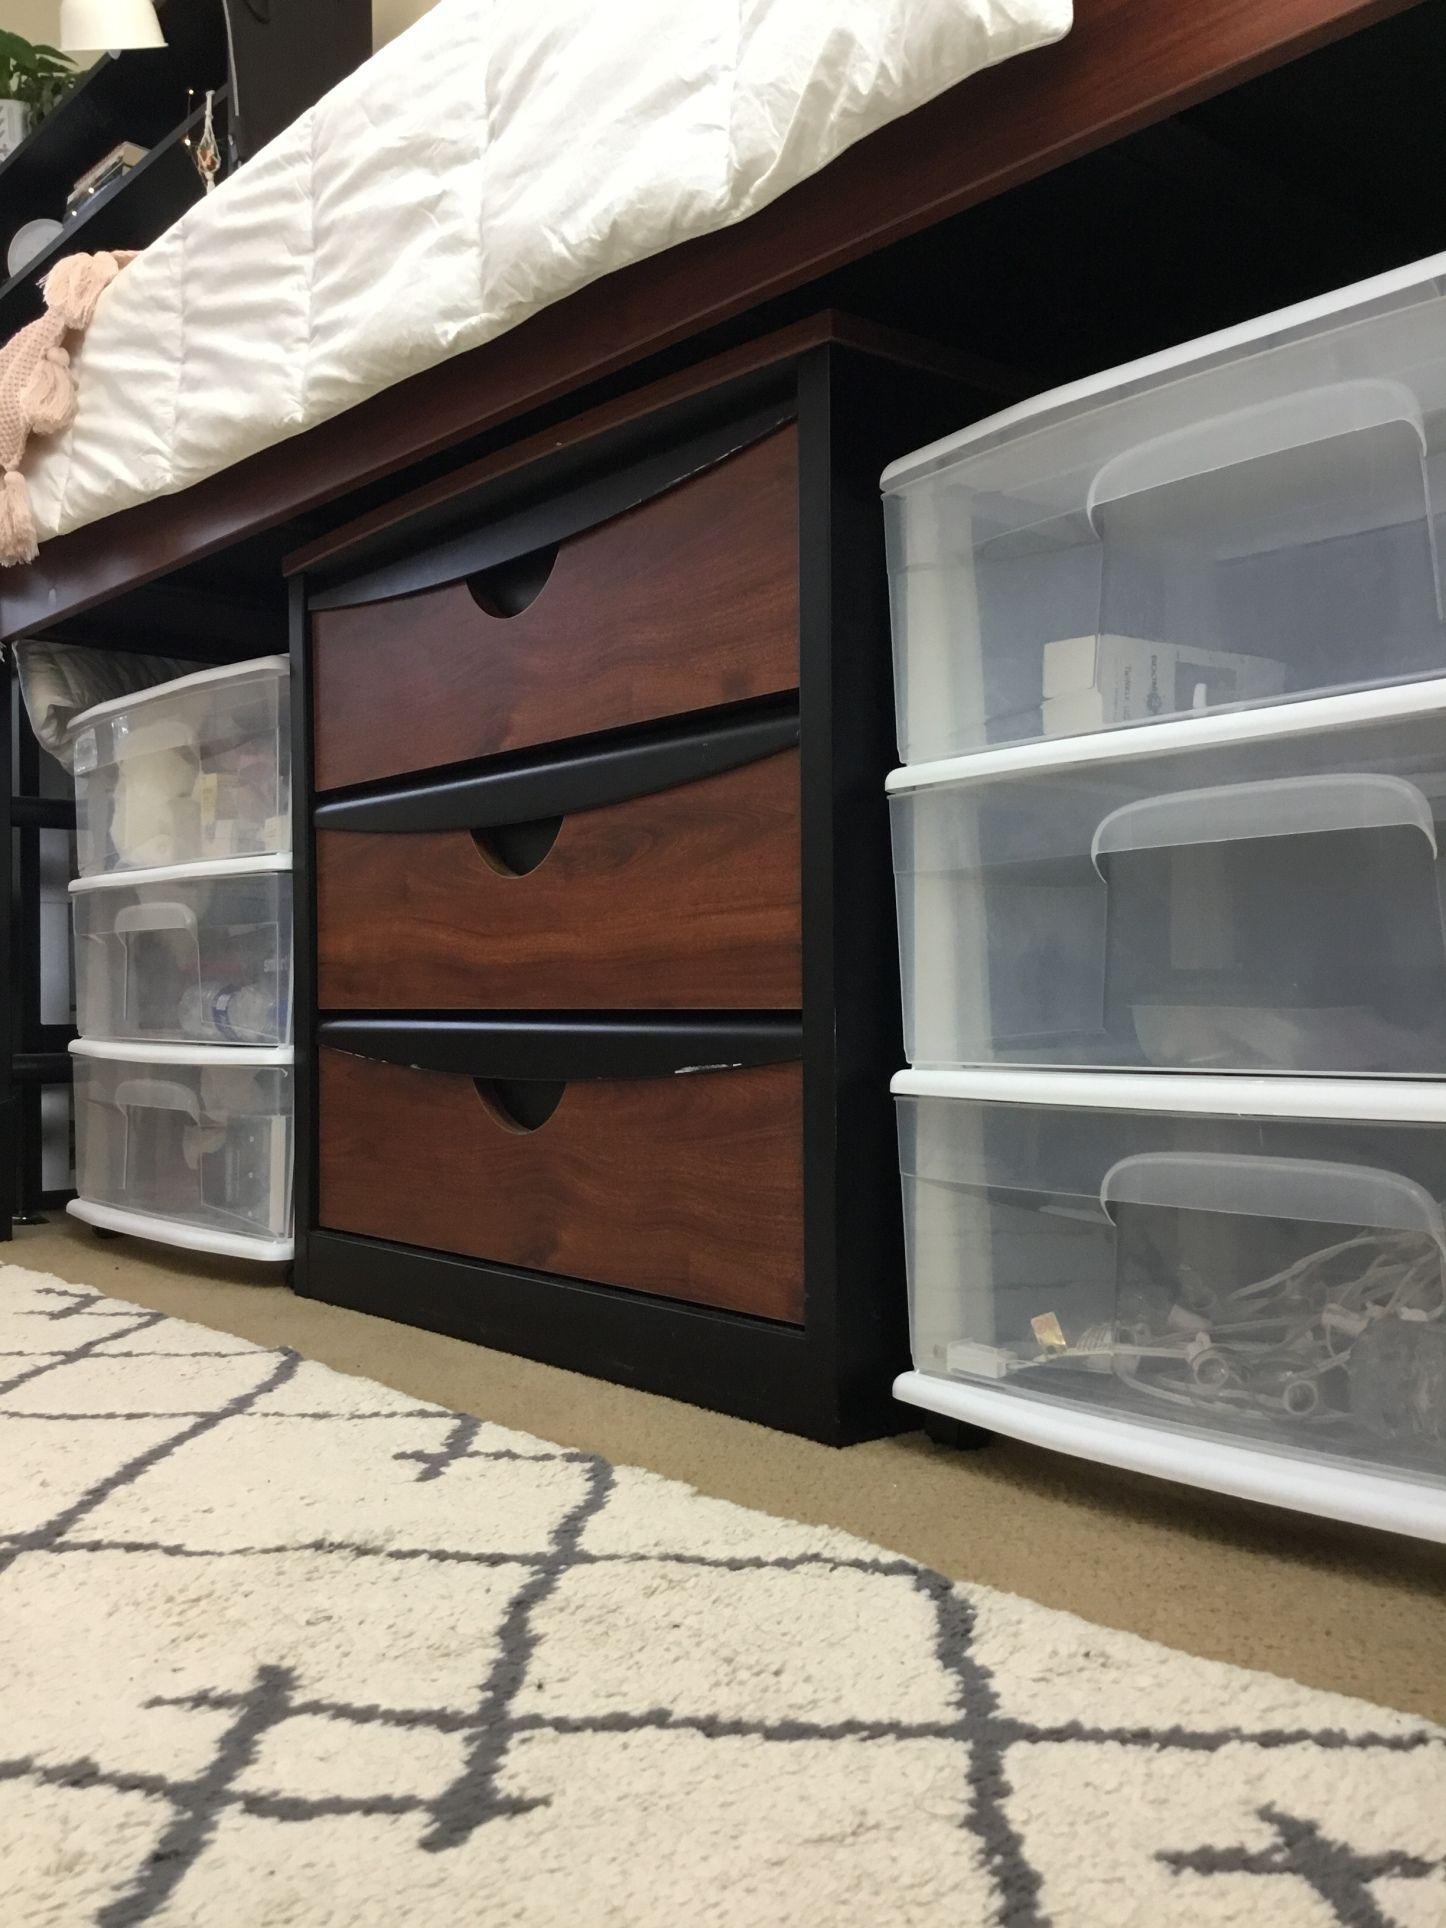 College Dorm Under Bed Storage Idea Dorm Room Storage Dorm Room Organization Storage College Dorm Storage